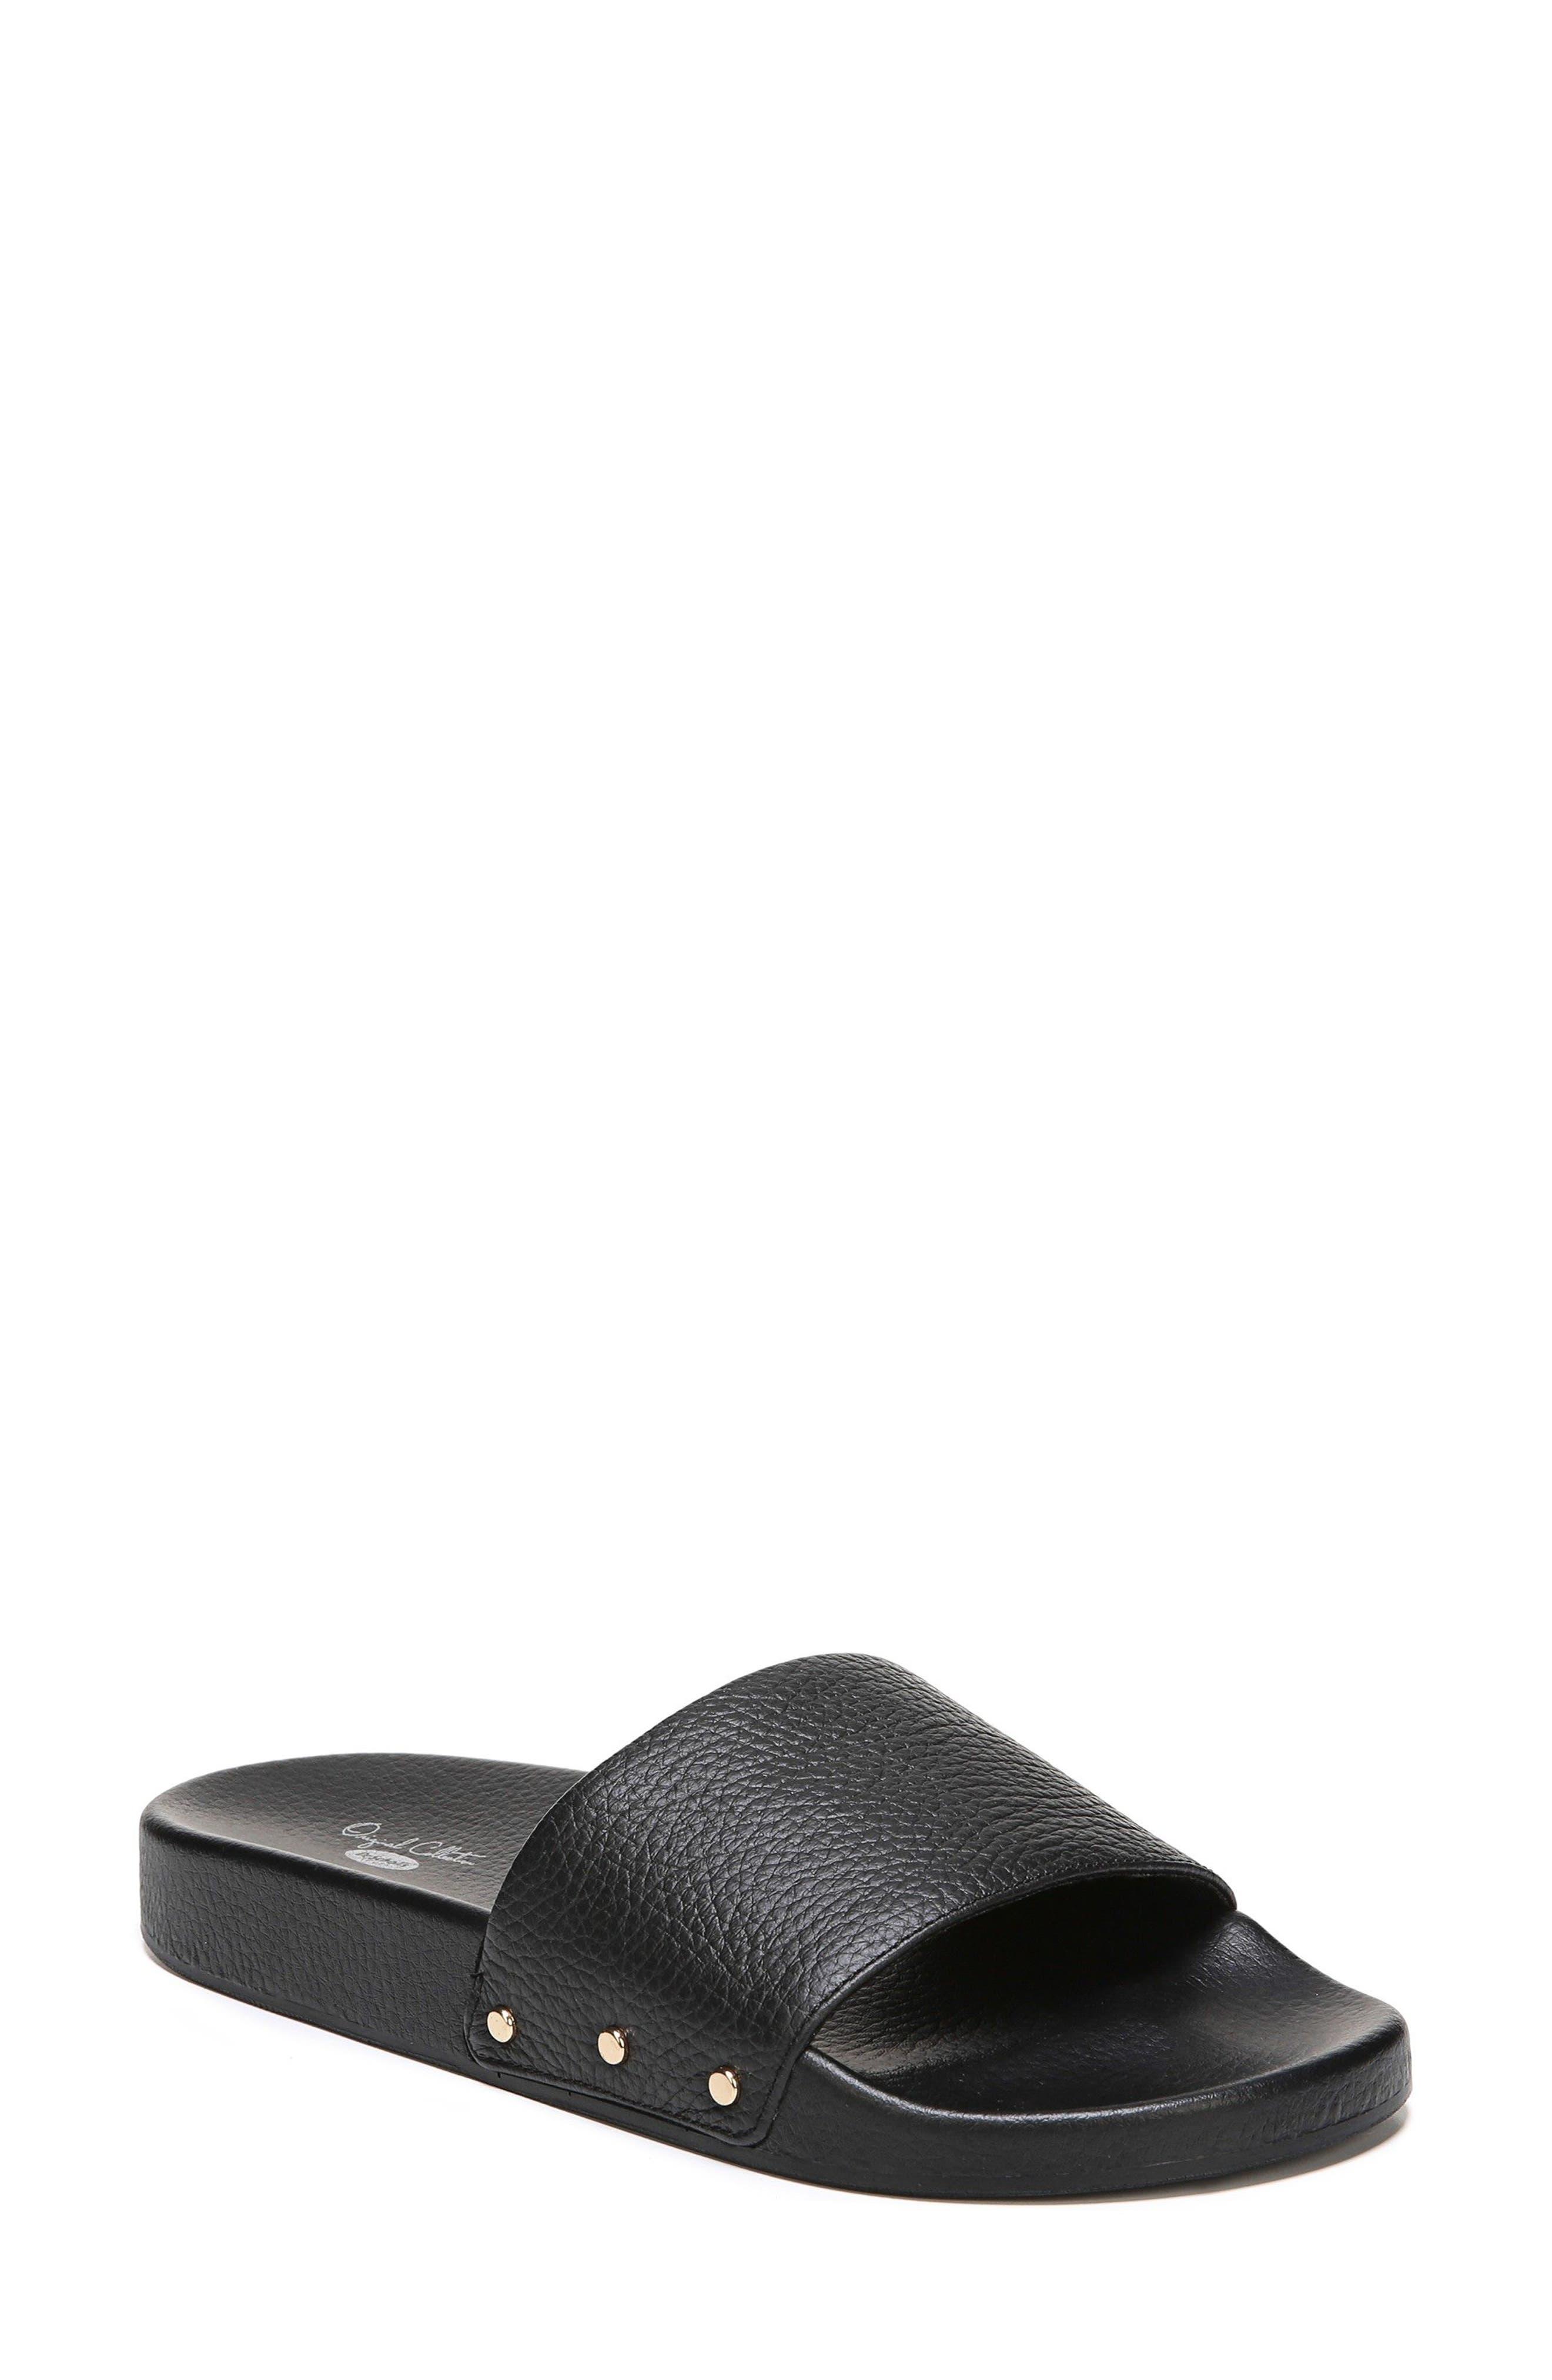 Pisces Slide Sandal,                         Main,                         color, Black Leather